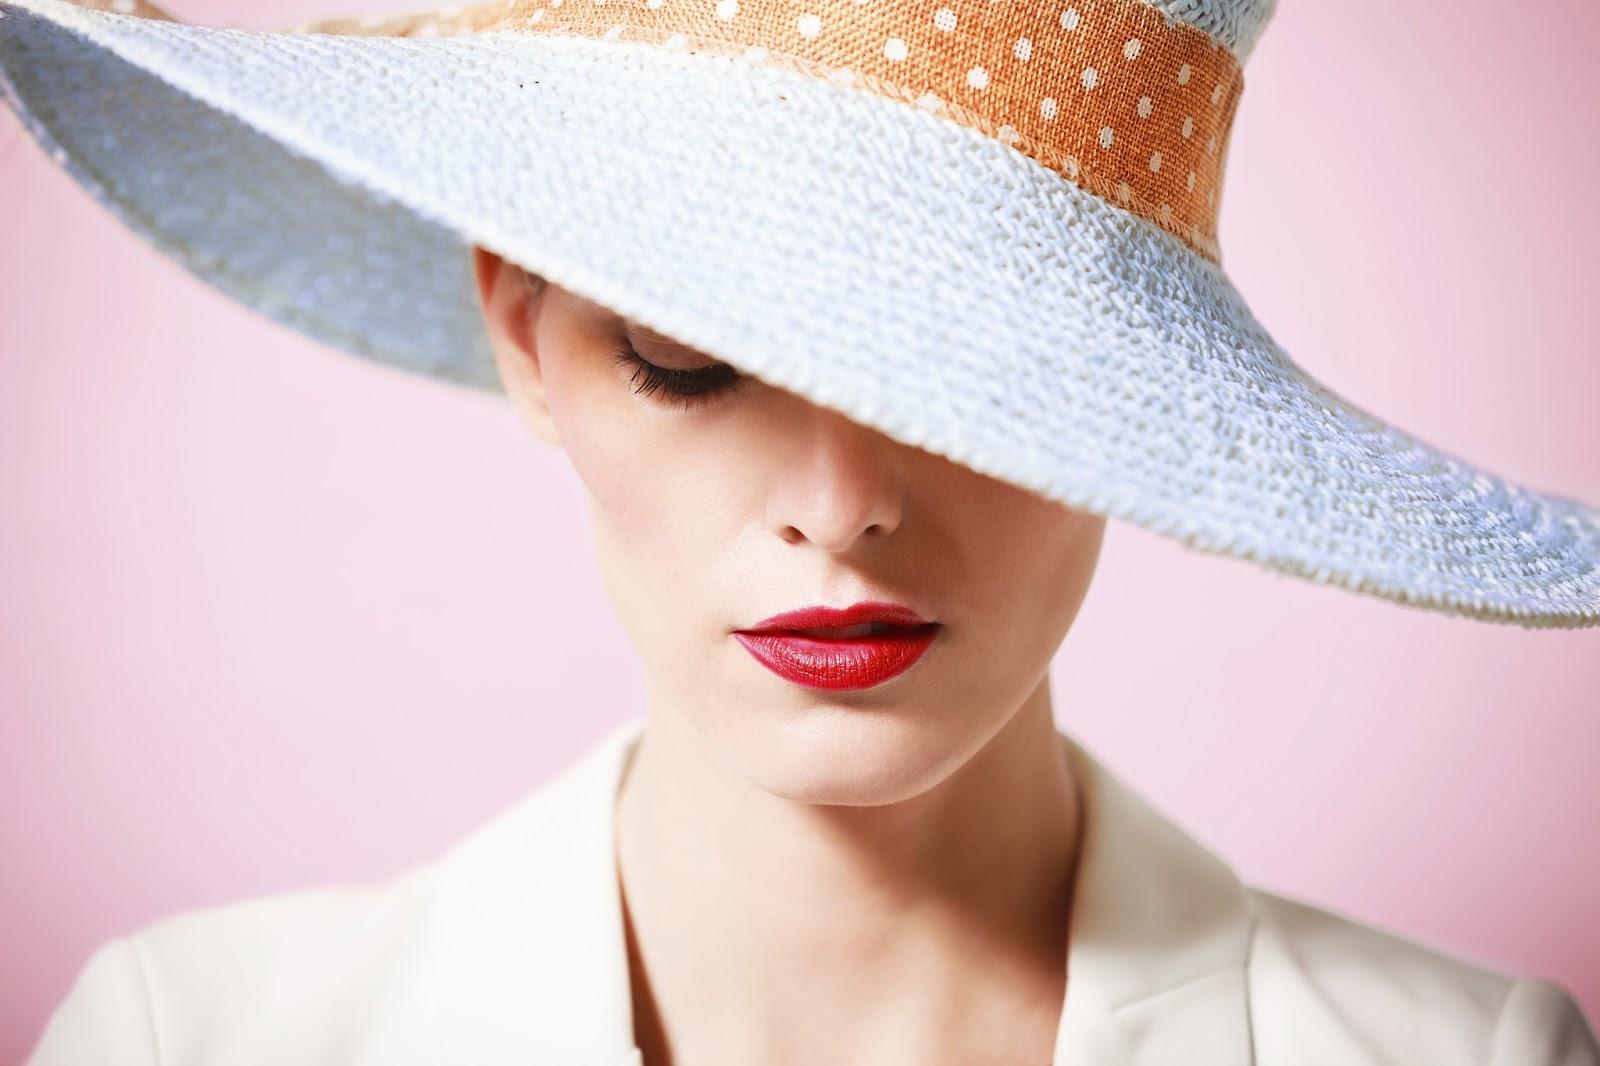 Фото дам в шляпах, Картинки дам в шляпах (36 фото) 2 фотография